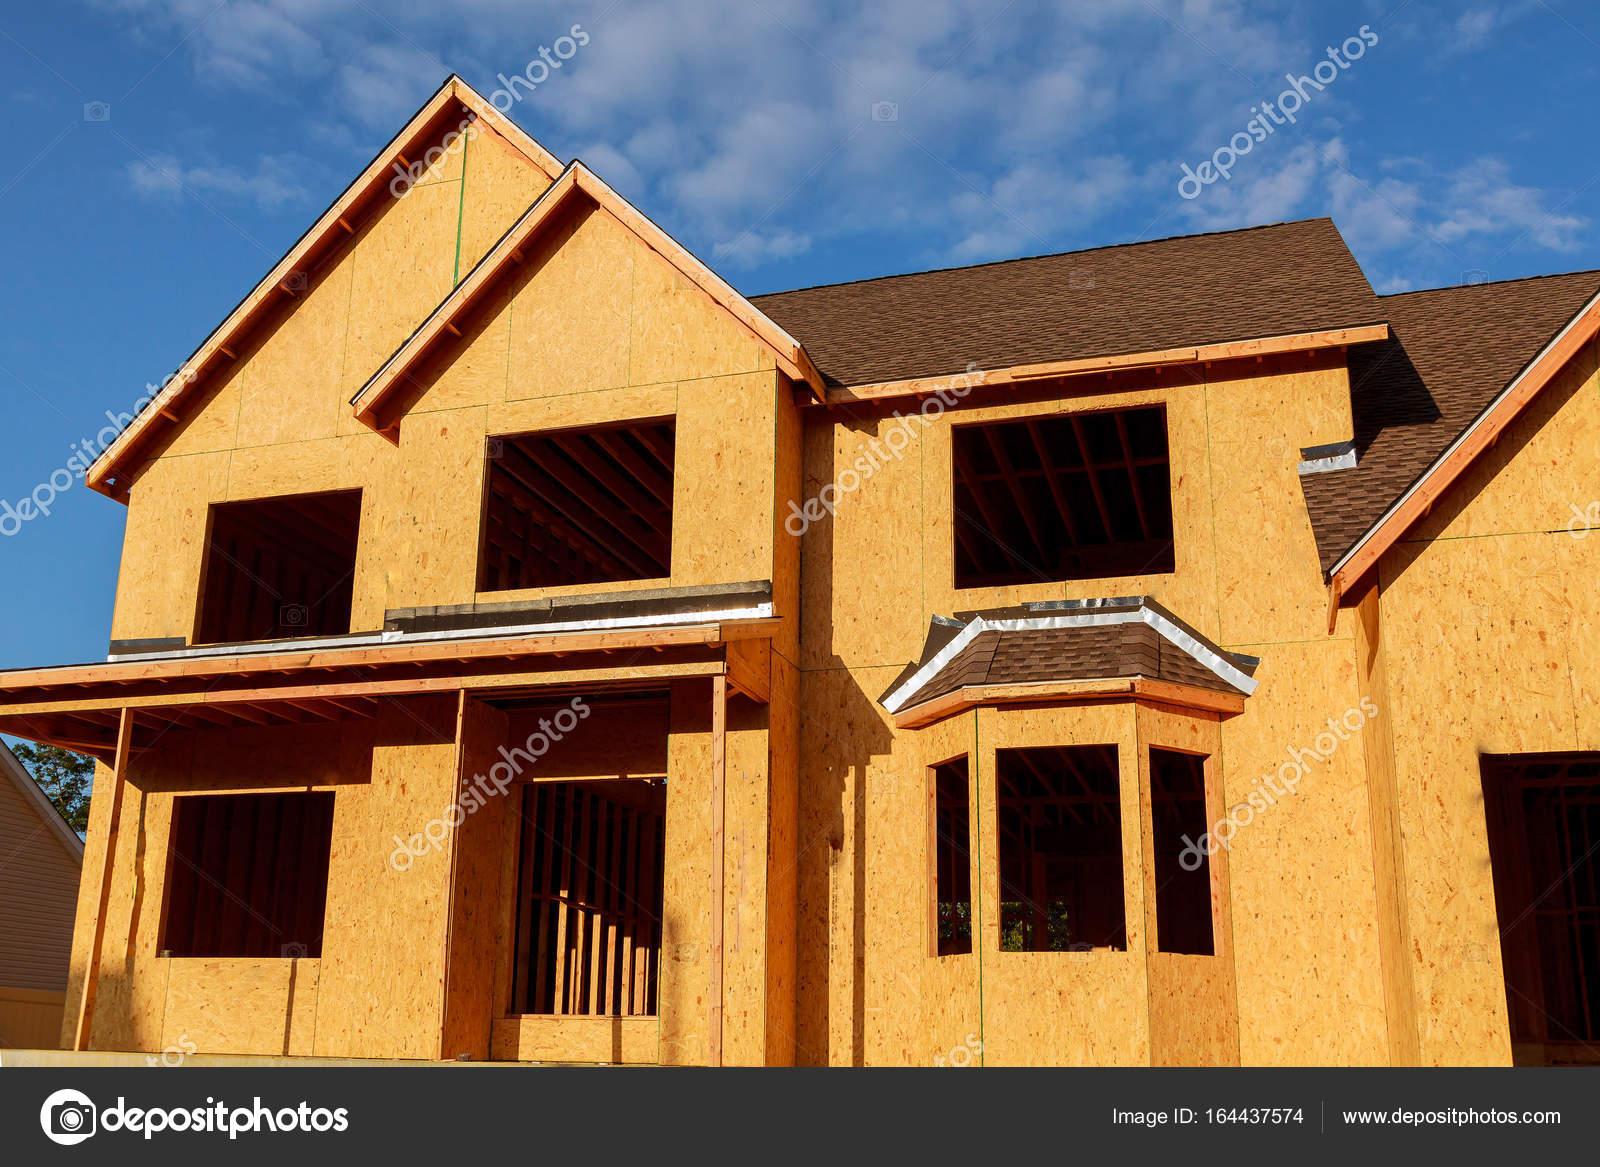 Casa nueva en construcción - marco de madera — Fotos de Stock ...